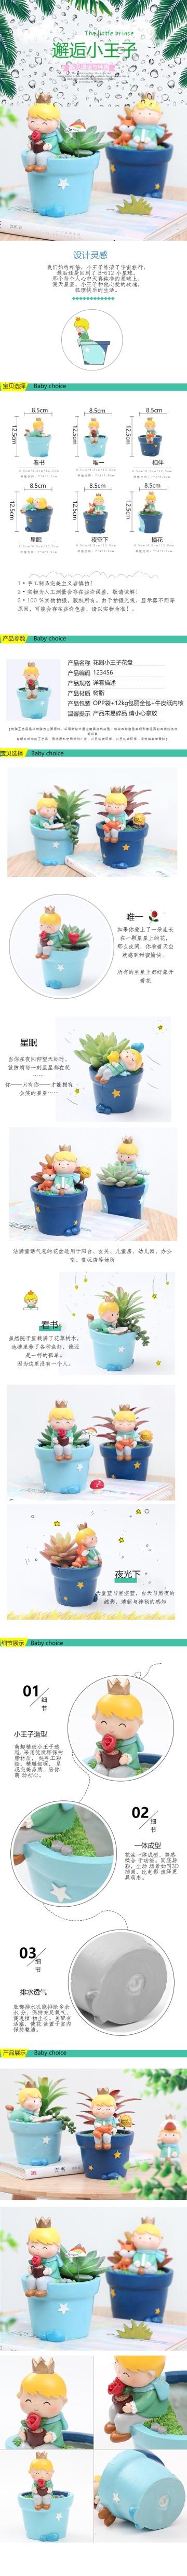 卡通可爱花盆花卉电商详情页